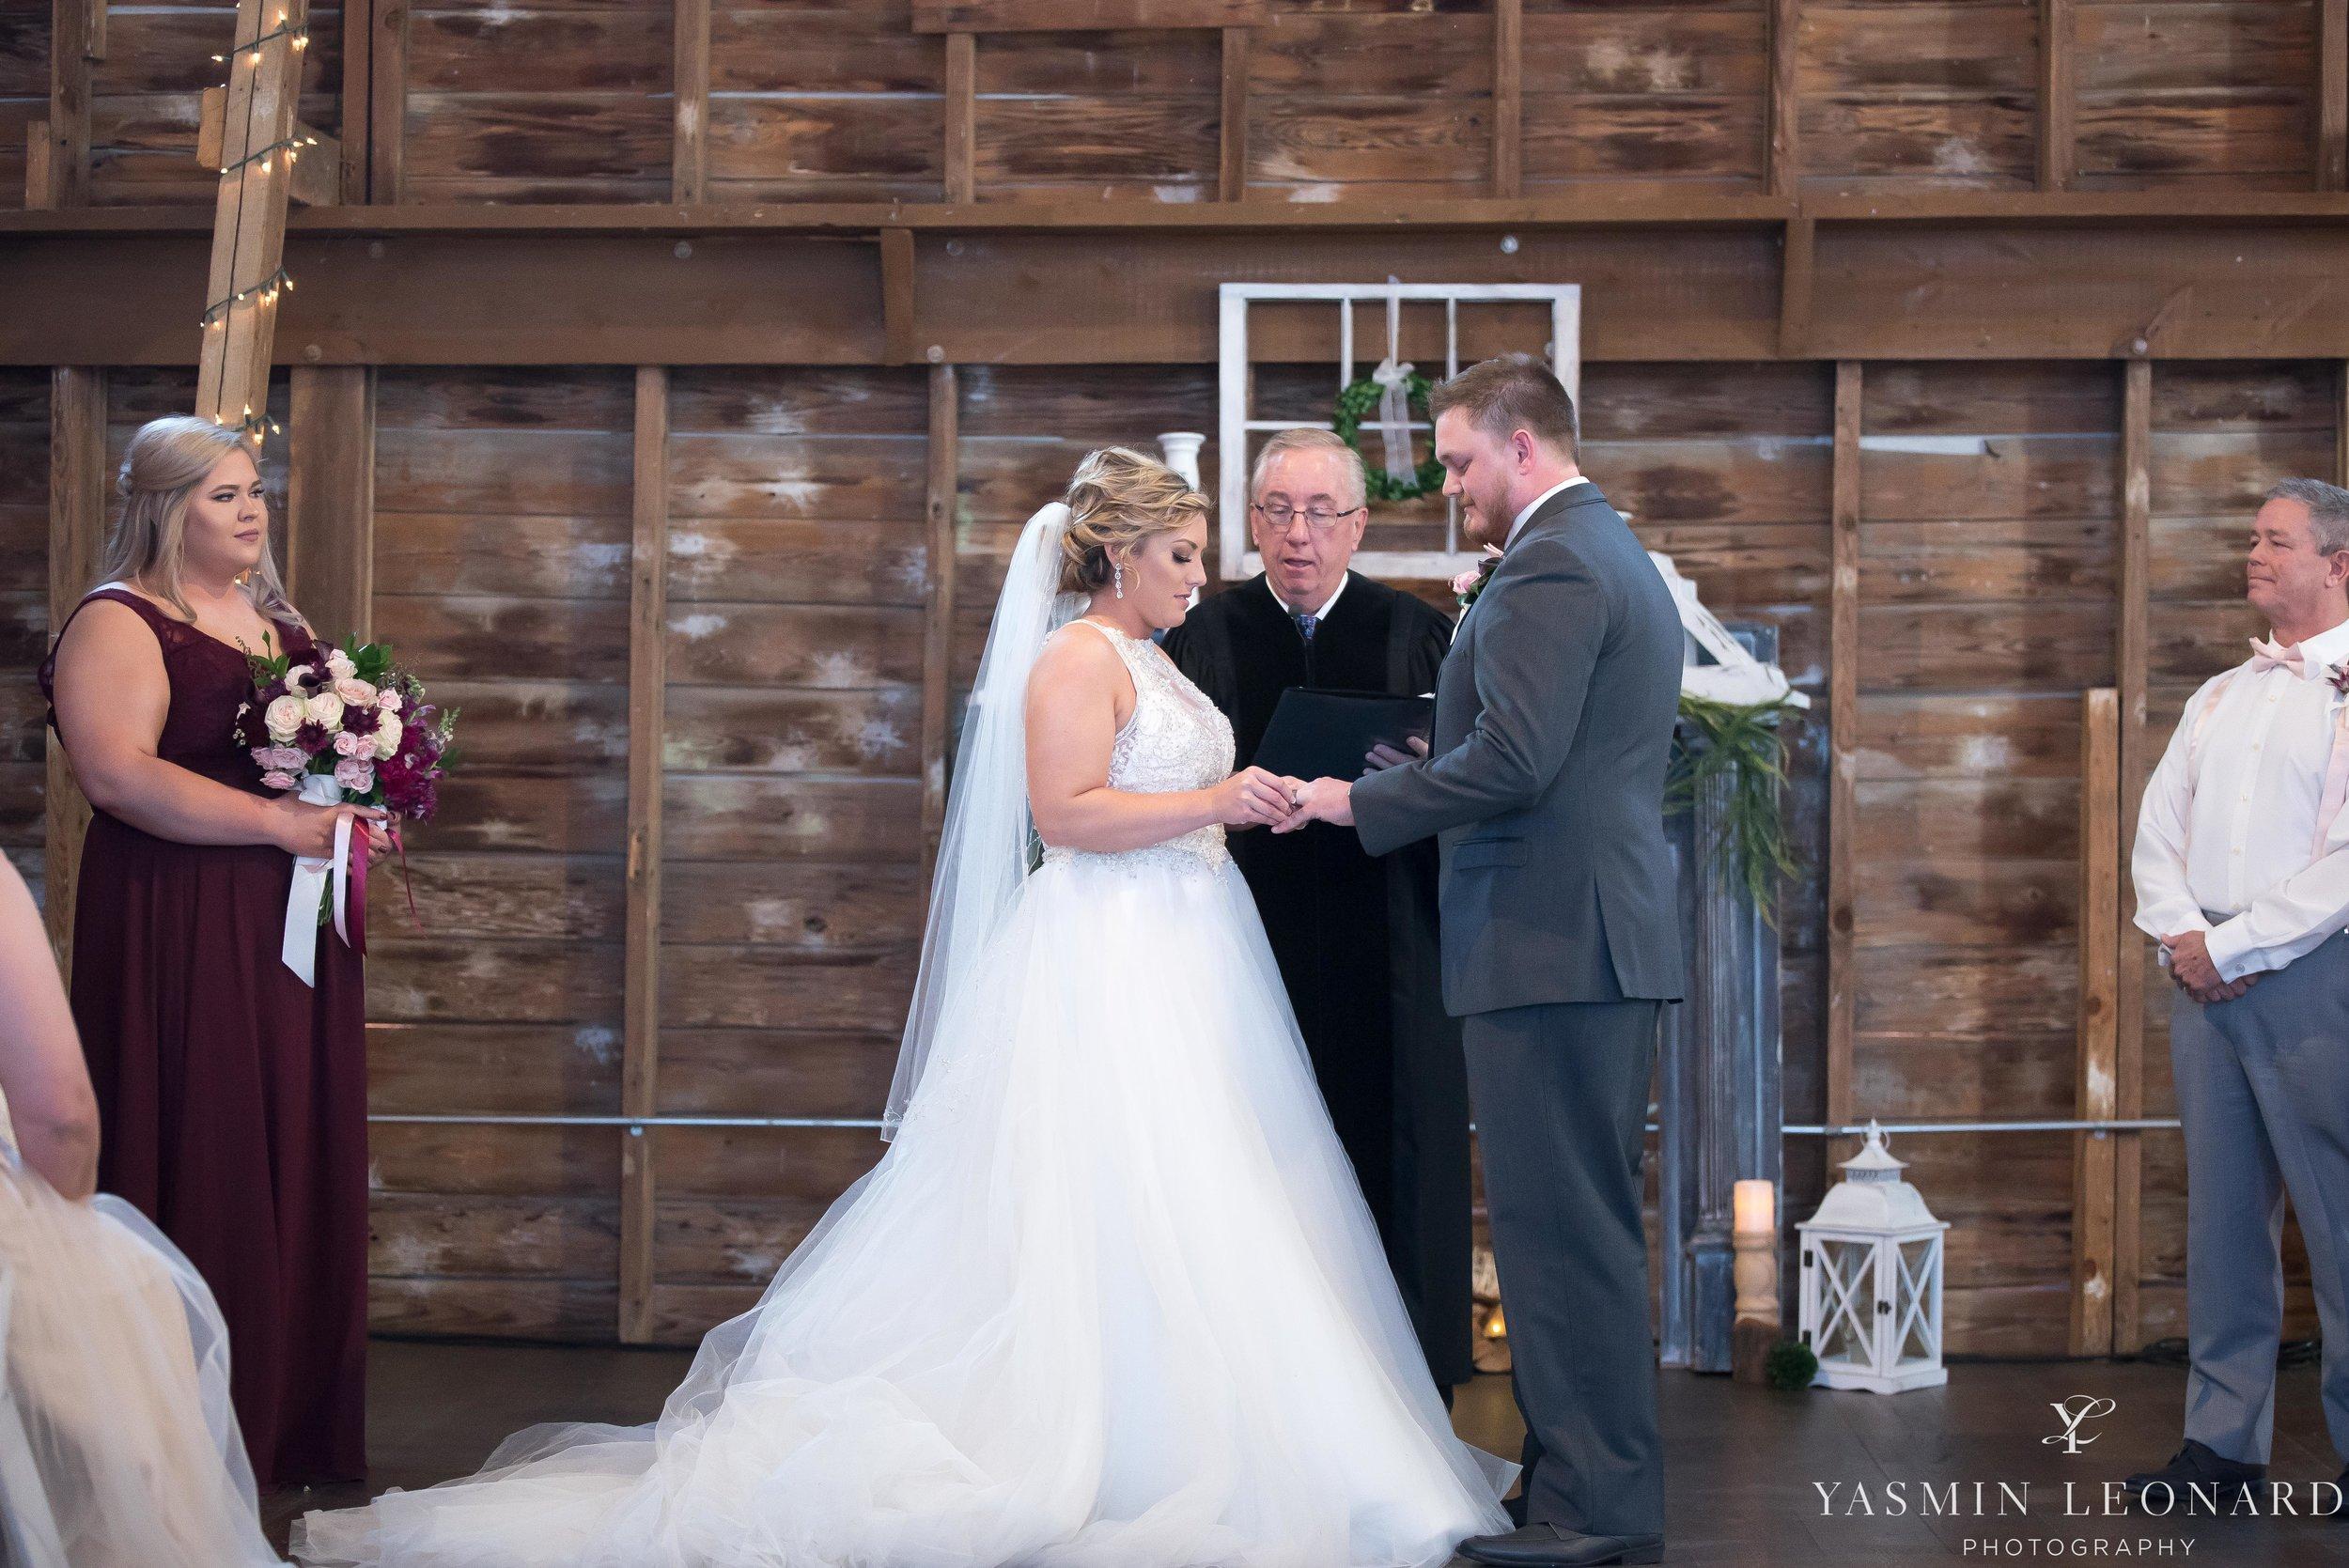 Millikan Farms - Millikan Farms Wedding - Sophia NC Wedding - NC Wedding - NC Wedding Photographer - Yasmin Leonard Photography - High Point Photographer - Barn Wedding - Wedding Venues in NC - Triad Wedding Photographer-49.jpg